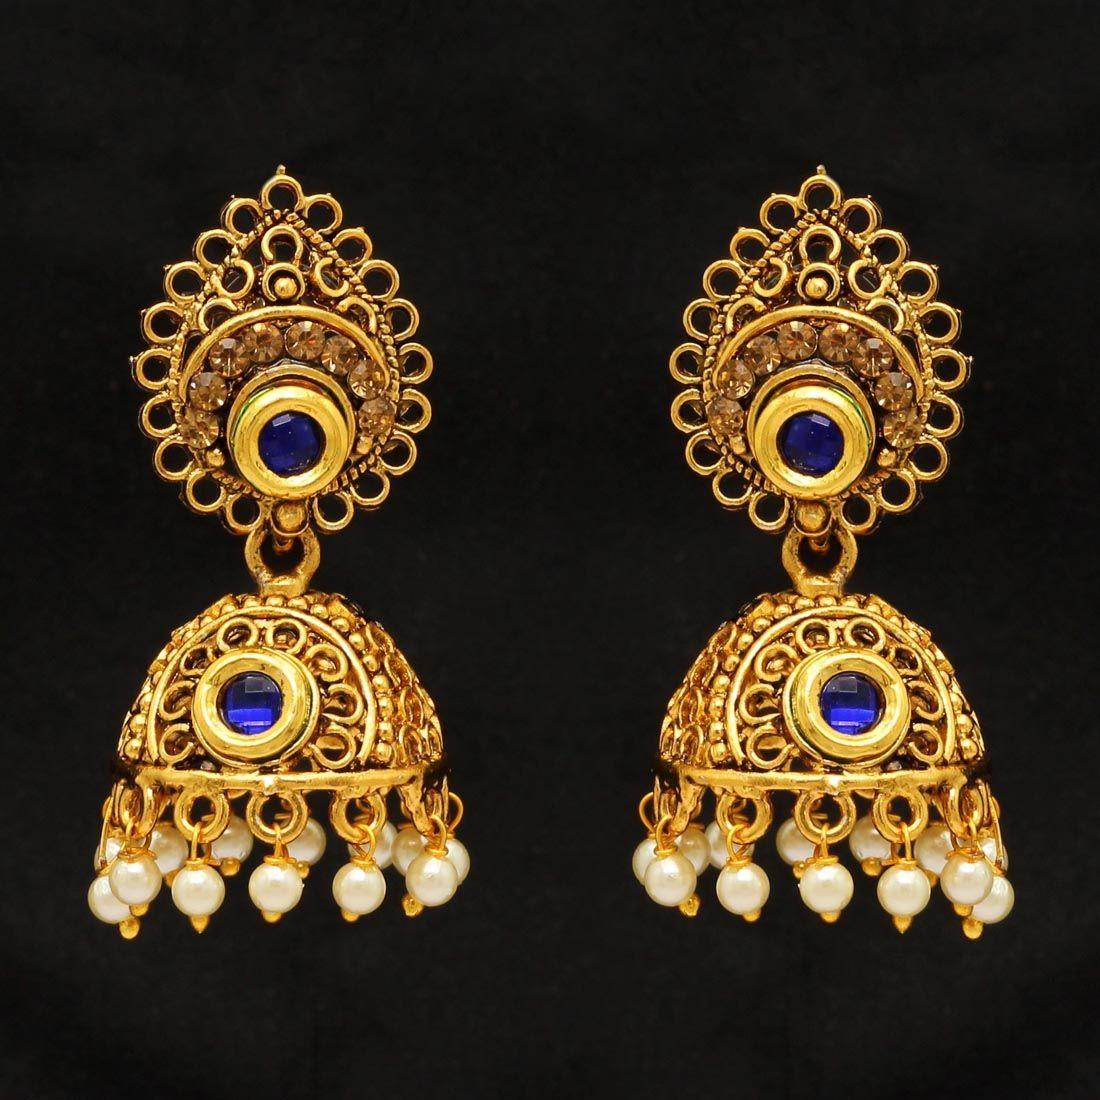 Pendientes hindues piedras doradas y azules